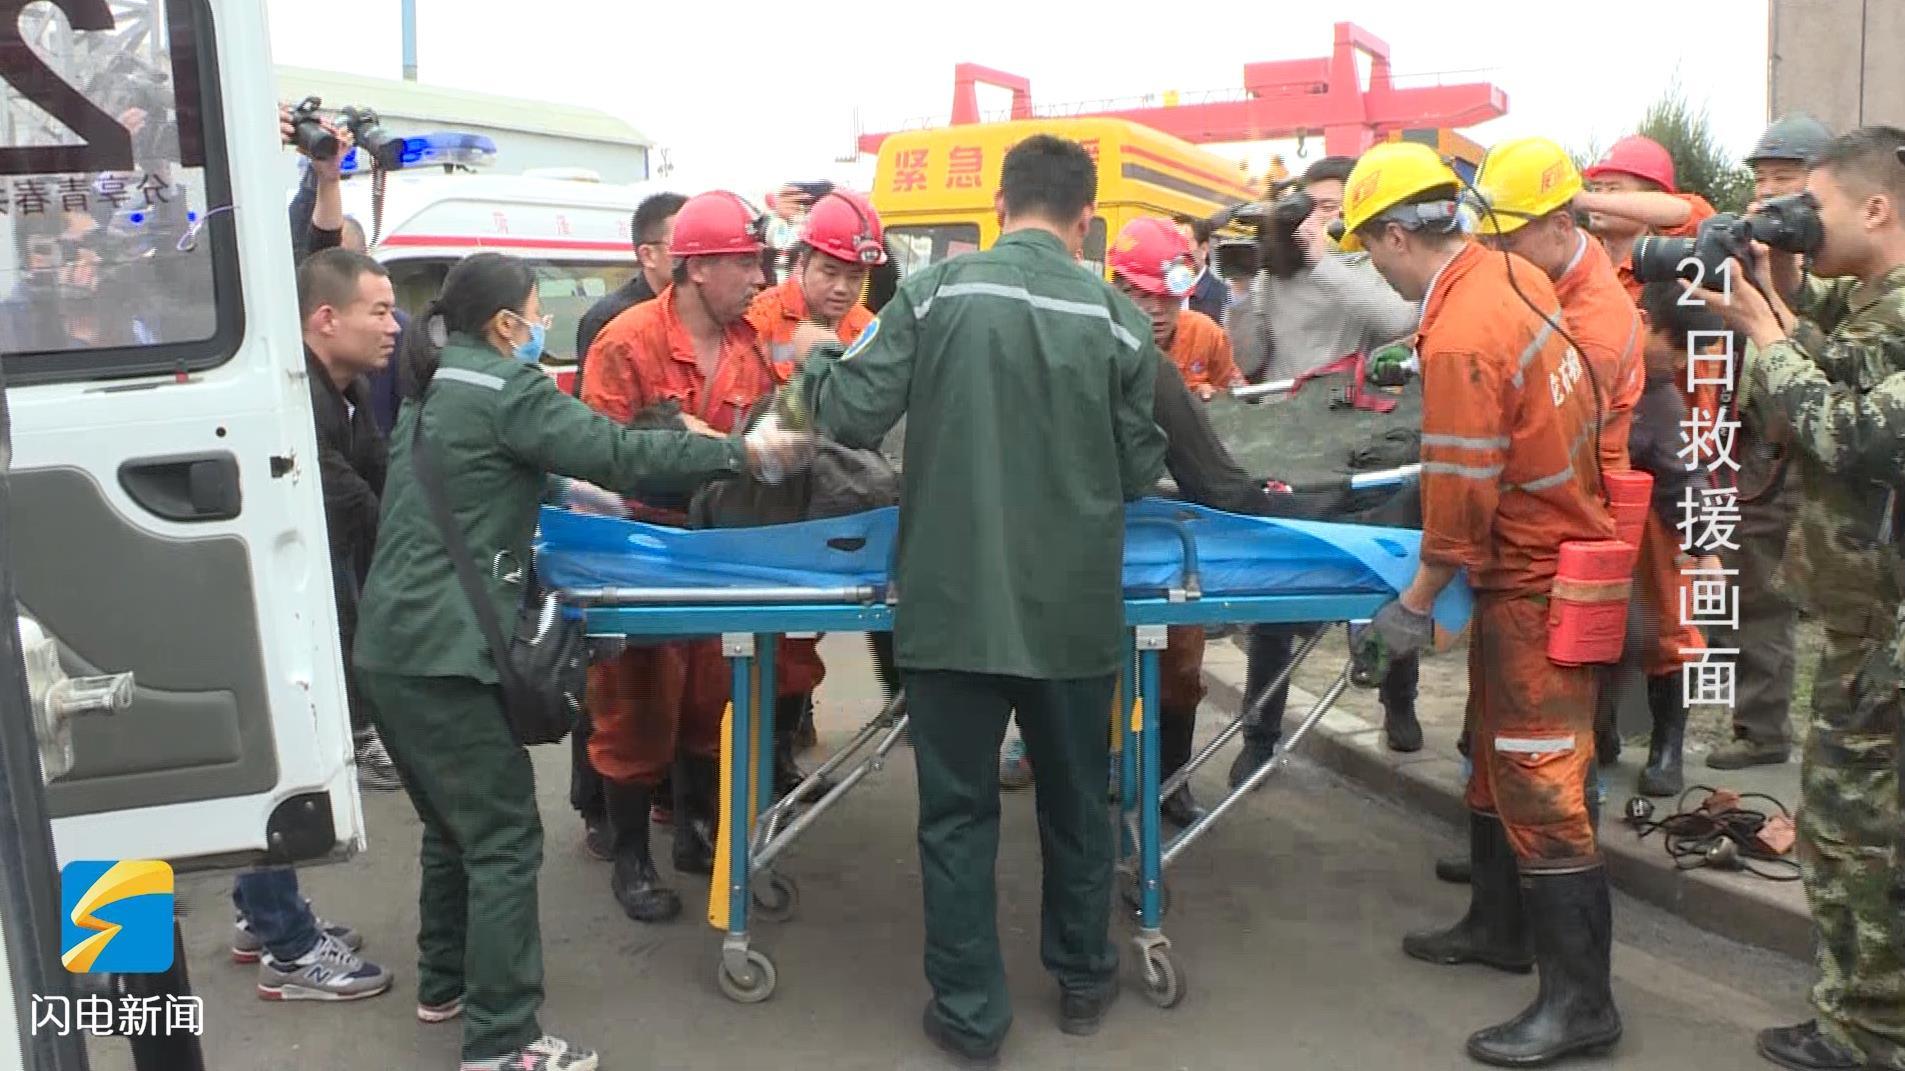 龙郓煤业紧急救援:井下情况复杂 争分夺秒不放弃